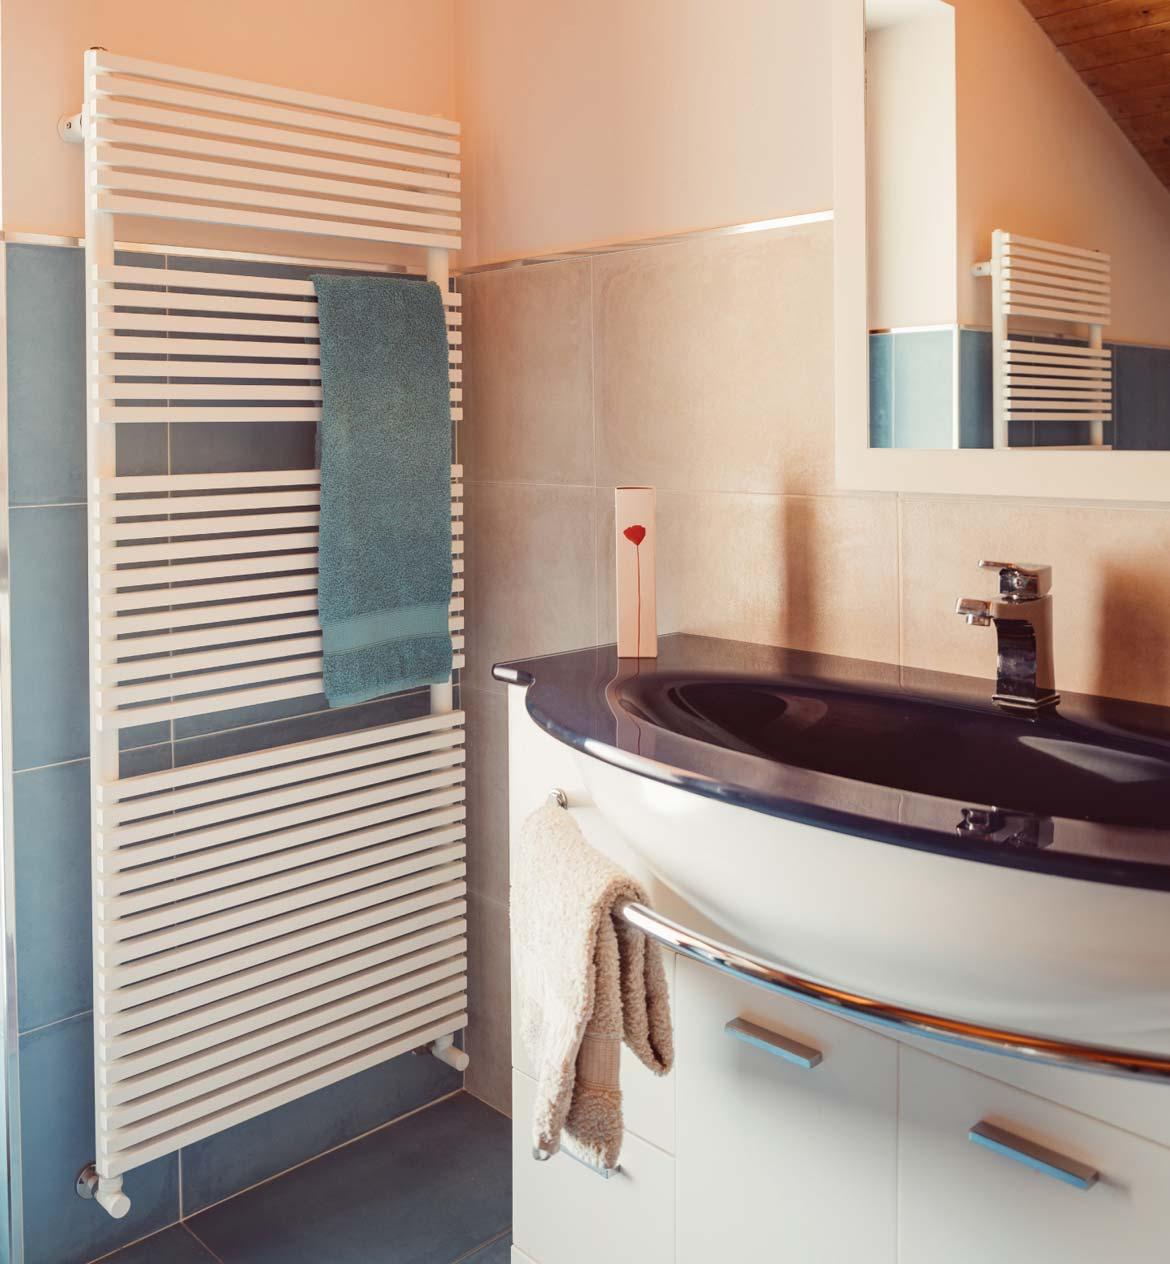 SÈCHE-SERVIETTES-salle de bain-trendy-graziano